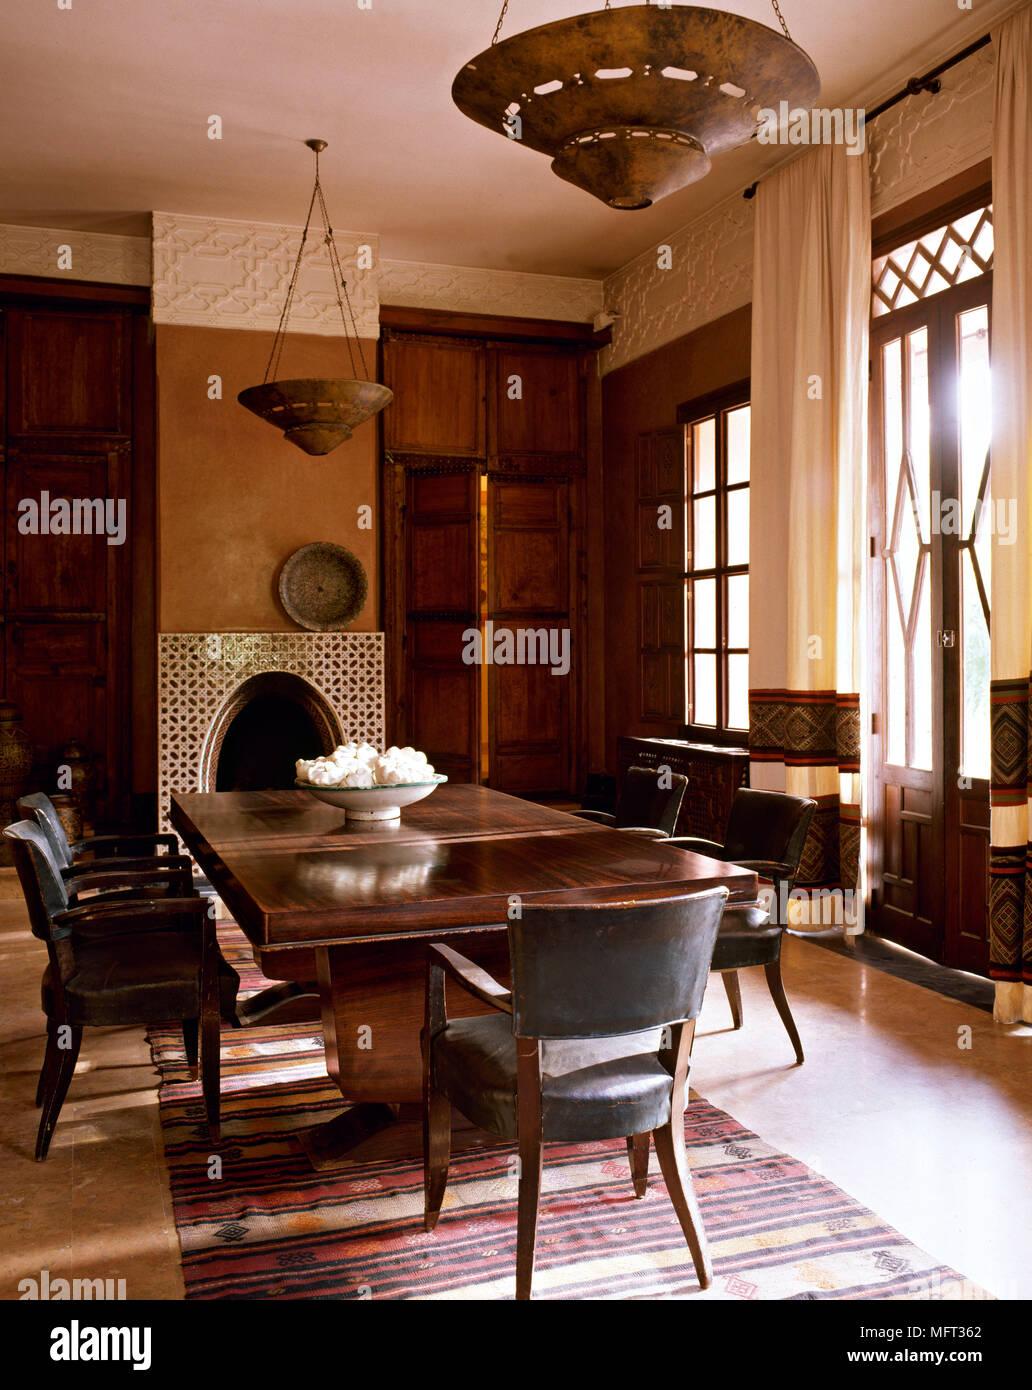 Sala Da Pranzo Etnica.Marocchino Suite Hotel Sala Da Pranzo Tavolo In Legno Sedie